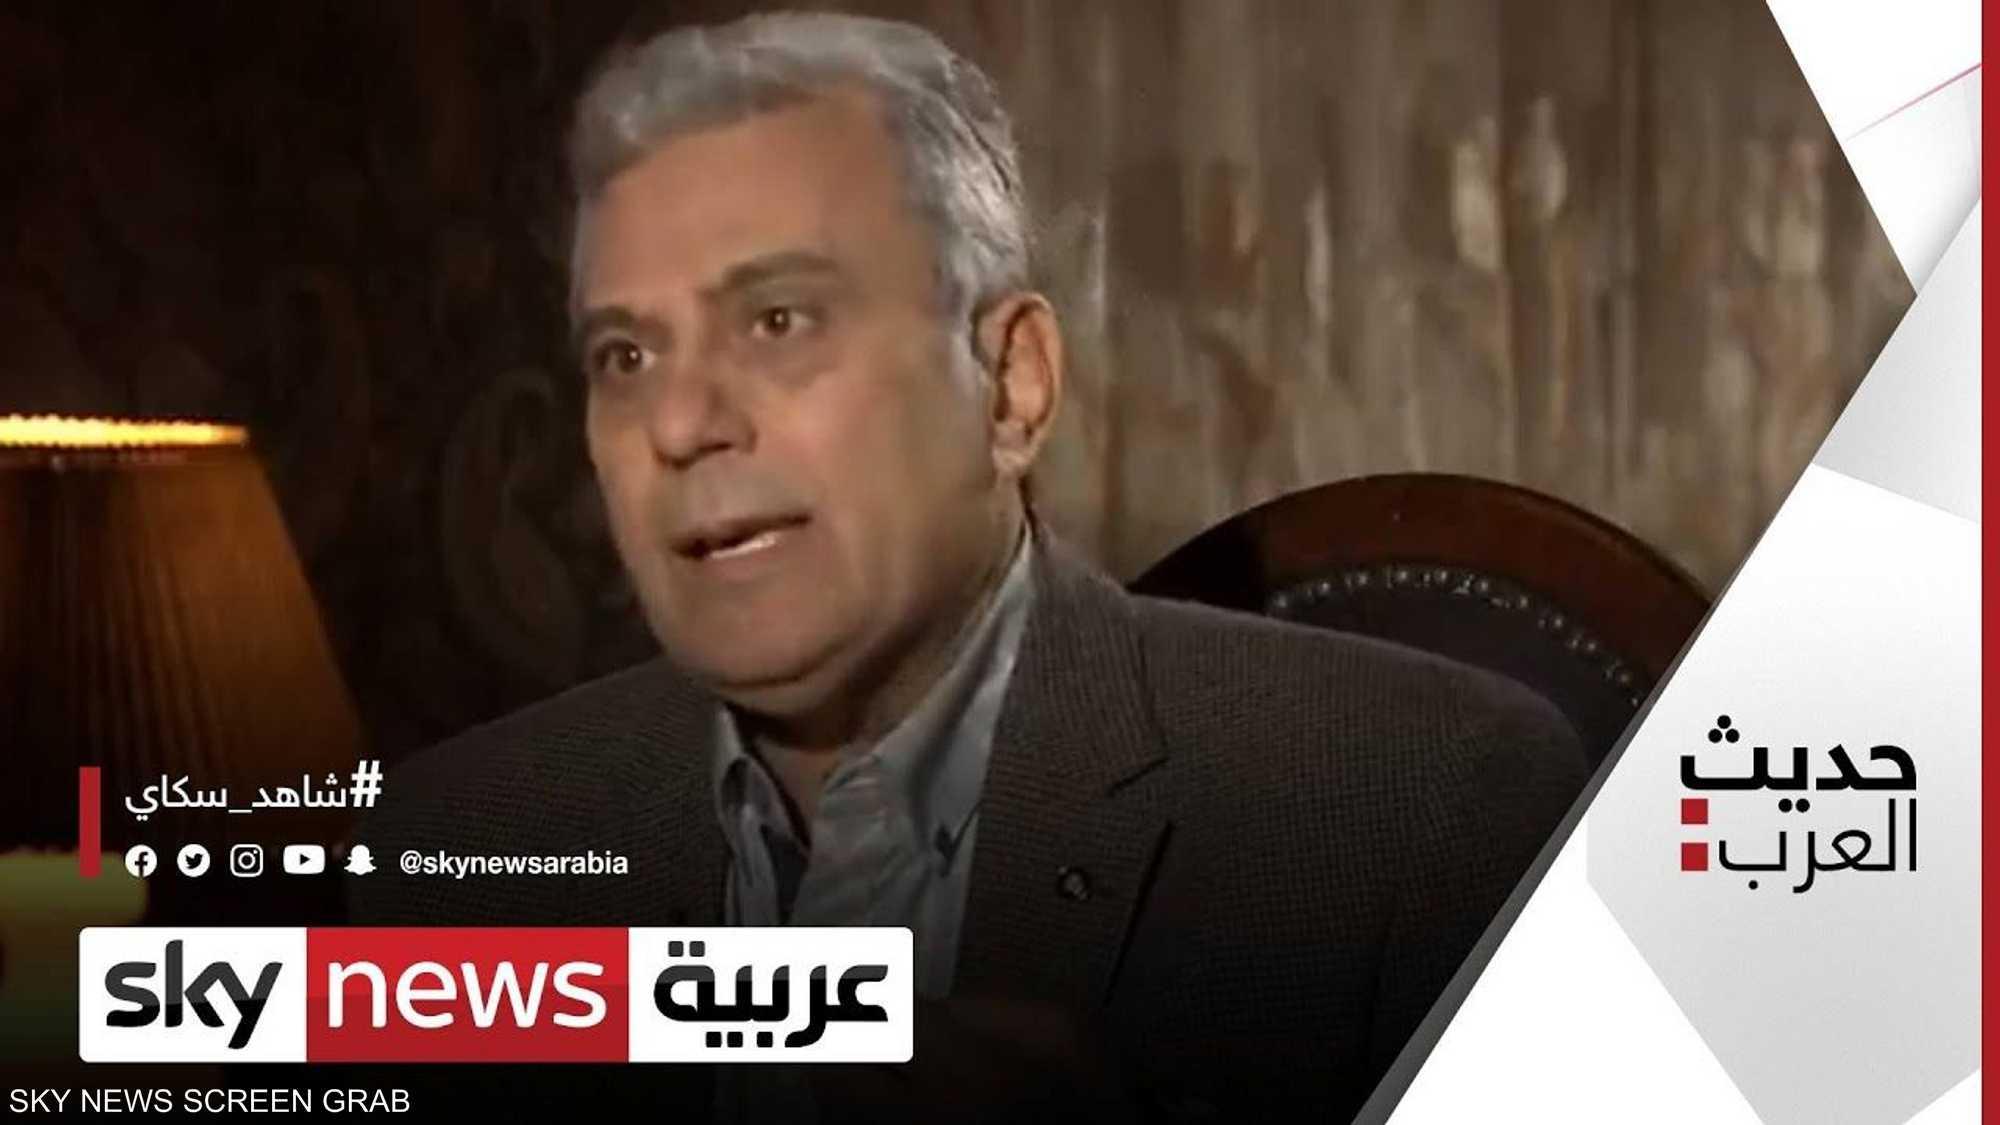 رئيس جامعة القاهرة سابقا يكشف جرائم الإخوان باعتصام النهضة